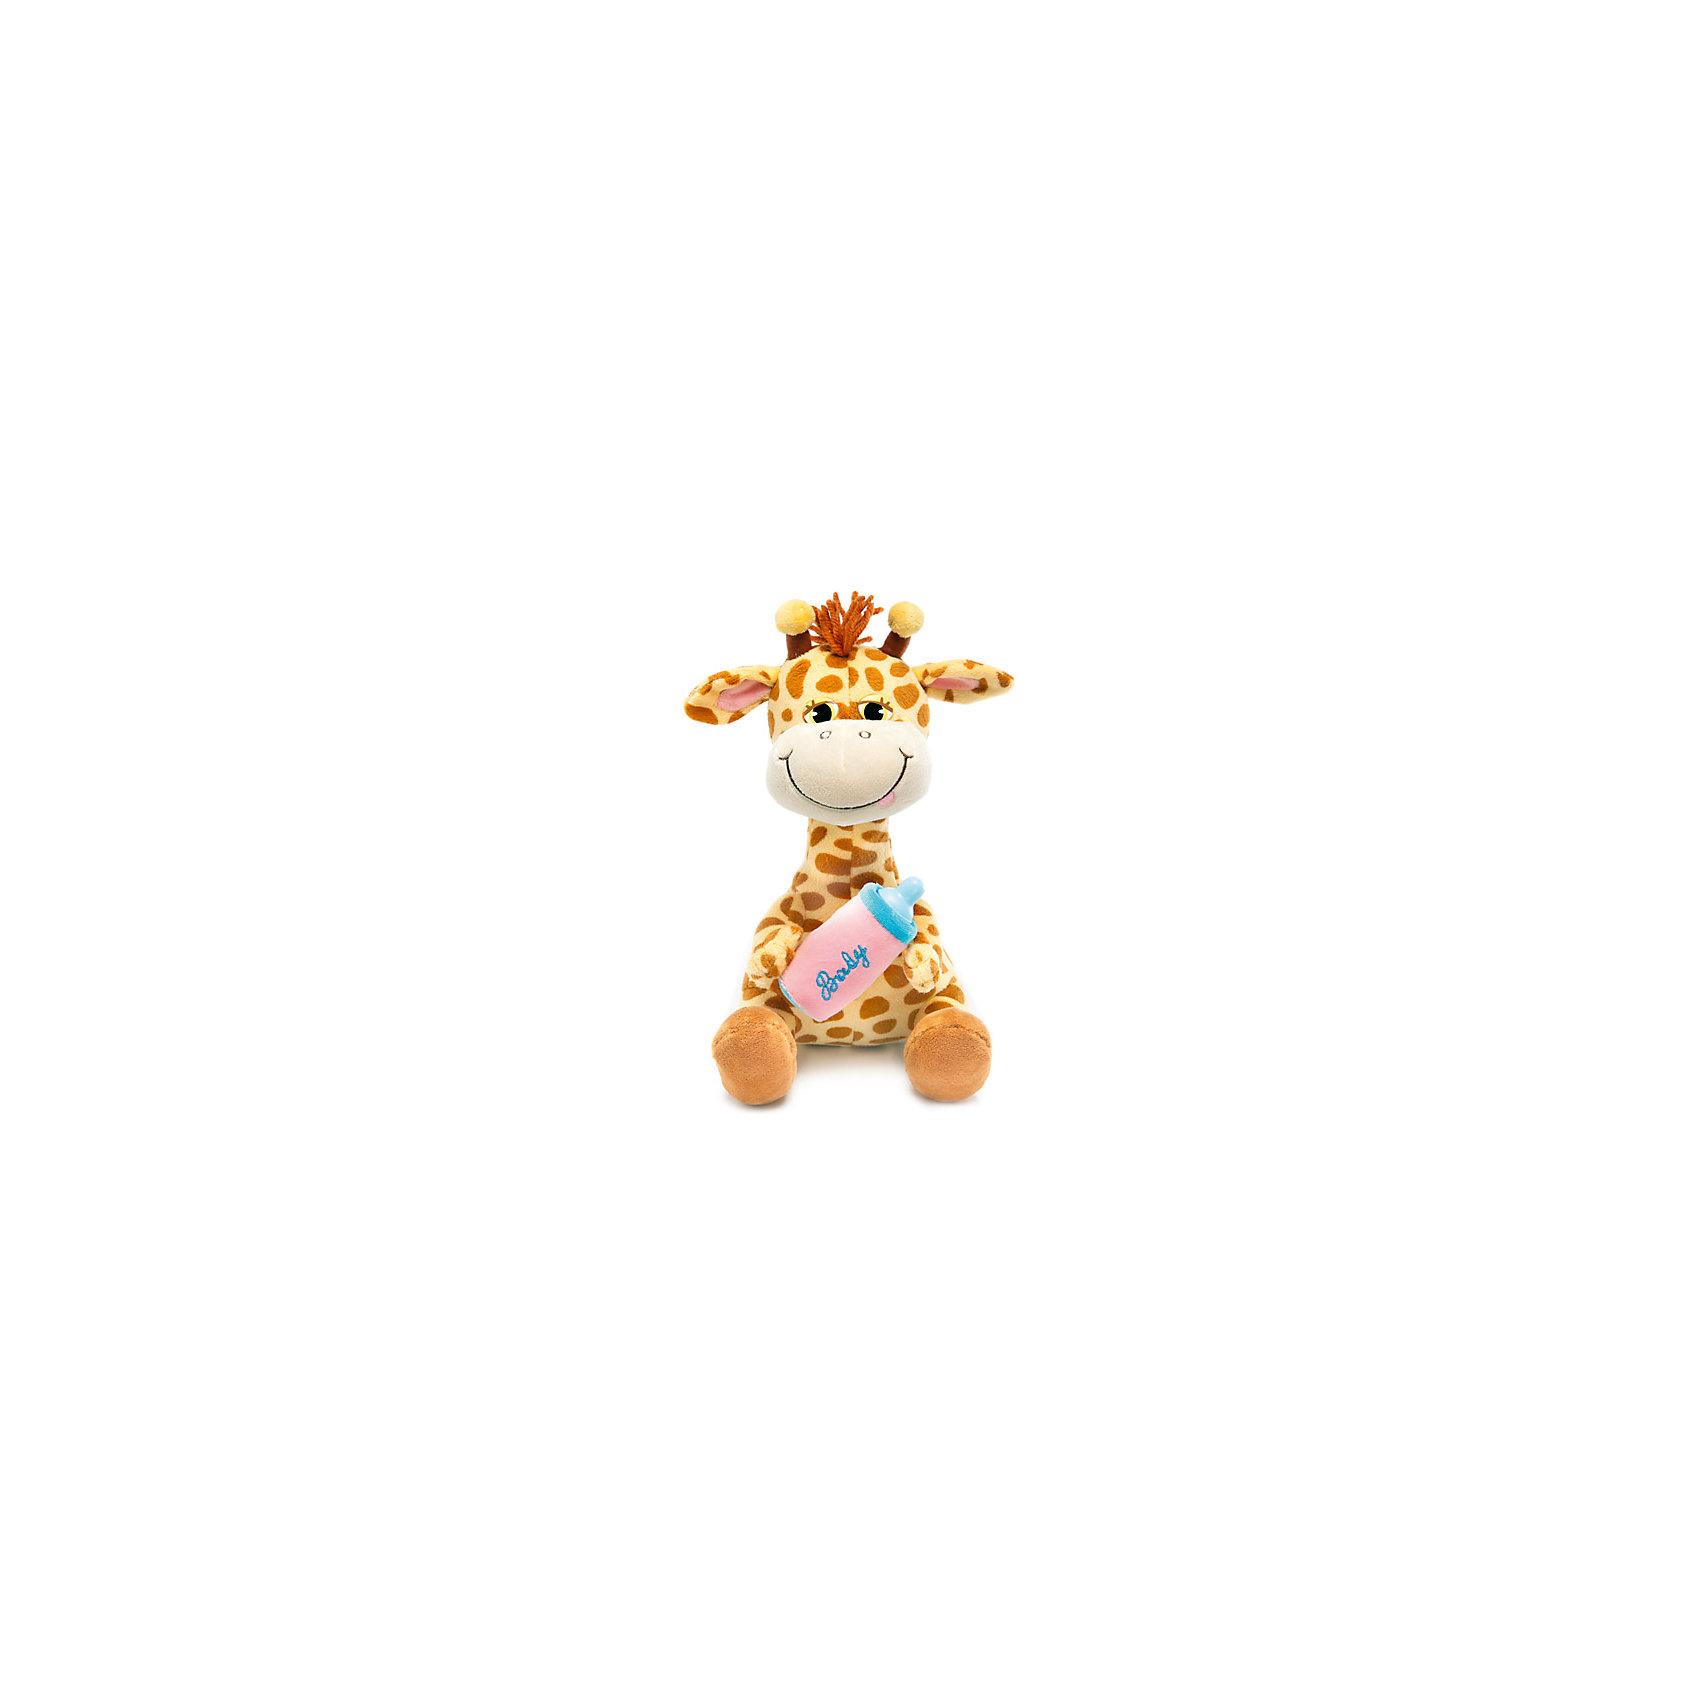 Жирафик с бутылочкой, музыкальный, 27 см, LAVAЗабавная мягкая игрушка сделана в виде Жирафика, который держит в руках детскую бутылочку. Она поможет ребенку проводить время весело и с пользой (такие игрушки развивают воображение и моторику). В игрушке есть встроенный звуковой модуль, работающий на батарейках.<br>Размер игрушки универсален - 27 сантиметра, её удобно брать с собой в поездки и на прогулку. Сделан Жирафик из качественных и безопасных для ребенка материалов, которые еще и приятны на ощупь. Эта игрушка может стать и отличным подарком для взрослого.<br><br>Дополнительная информация:<br><br>- материал: текстиль, пластик;<br>- звуковой модуль;<br>- язык: русский;<br>- работает на батарейках;<br>- высота: 27 см.<br><br>Игрушку Жирафик с бутылочкой, музыкальный, 27 см, от марки LAVA можно купить в нашем магазине.<br><br>Ширина мм: 9999<br>Глубина мм: 9999<br>Высота мм: 270<br>Вес г: 369<br>Возраст от месяцев: 36<br>Возраст до месяцев: 1188<br>Пол: Унисекс<br>Возраст: Детский<br>SKU: 4701877